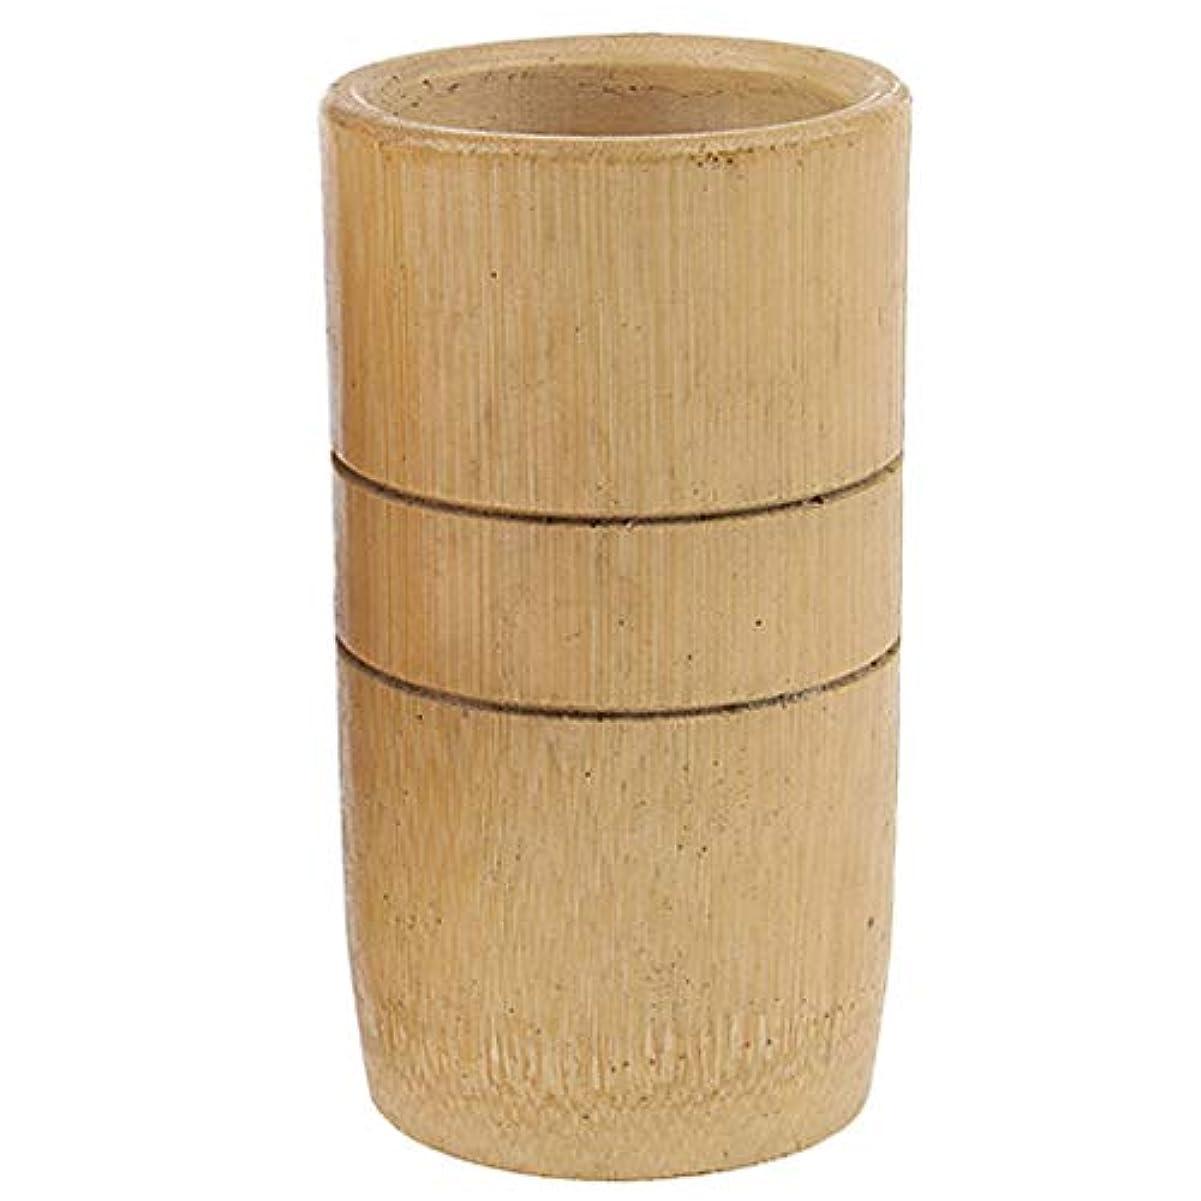 月曜日爆発歴史的Hellery 2個 マッサージ吸い玉 カッピング 天然竹製 全身マッサージ用 血流促進